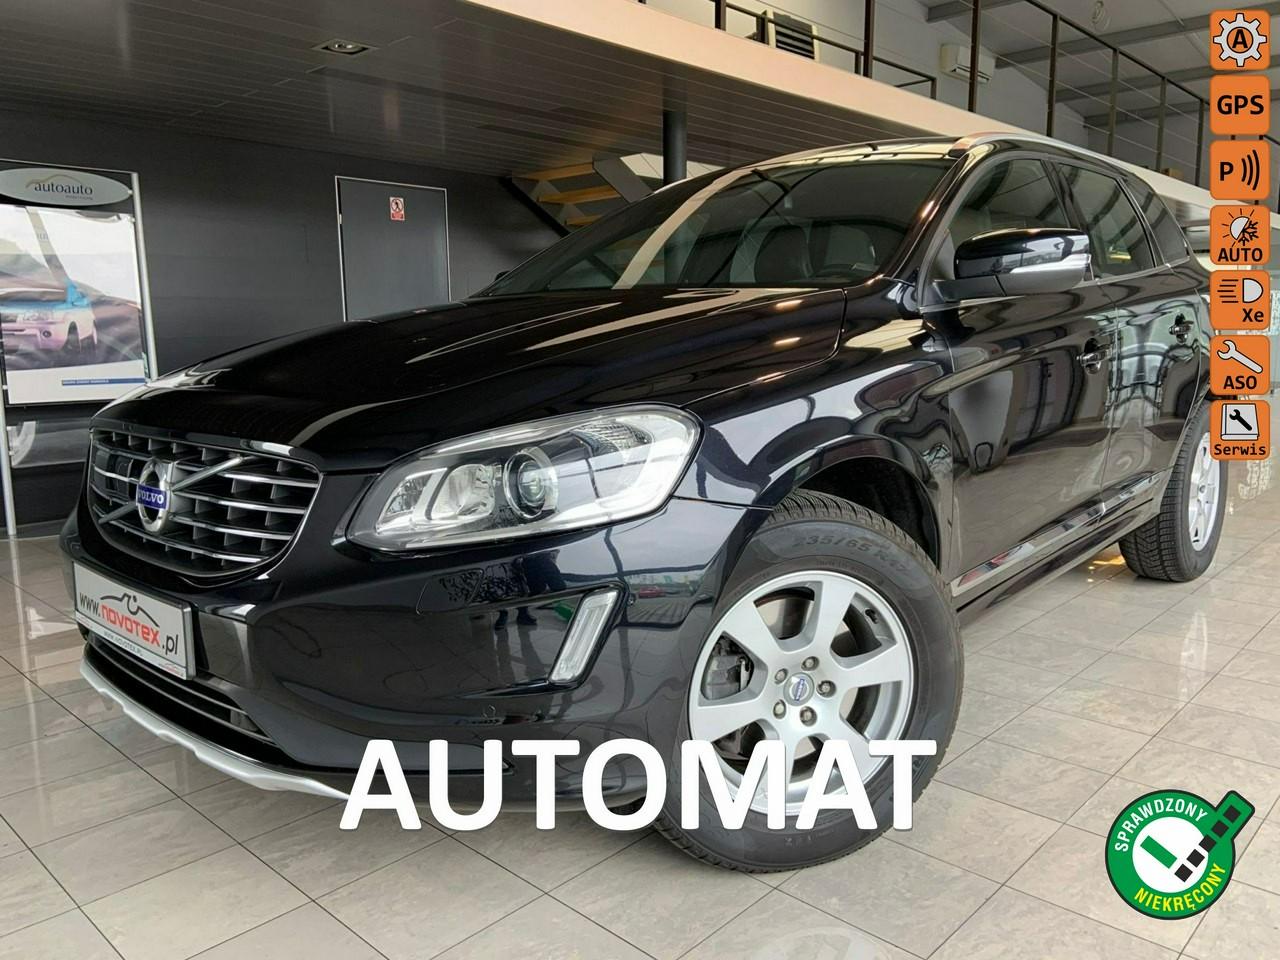 Volvo XC 60 D4*Summum*automat*panorama*xenon*TFT*ACC*tylko 143Tkm*serwis ASO Volvo